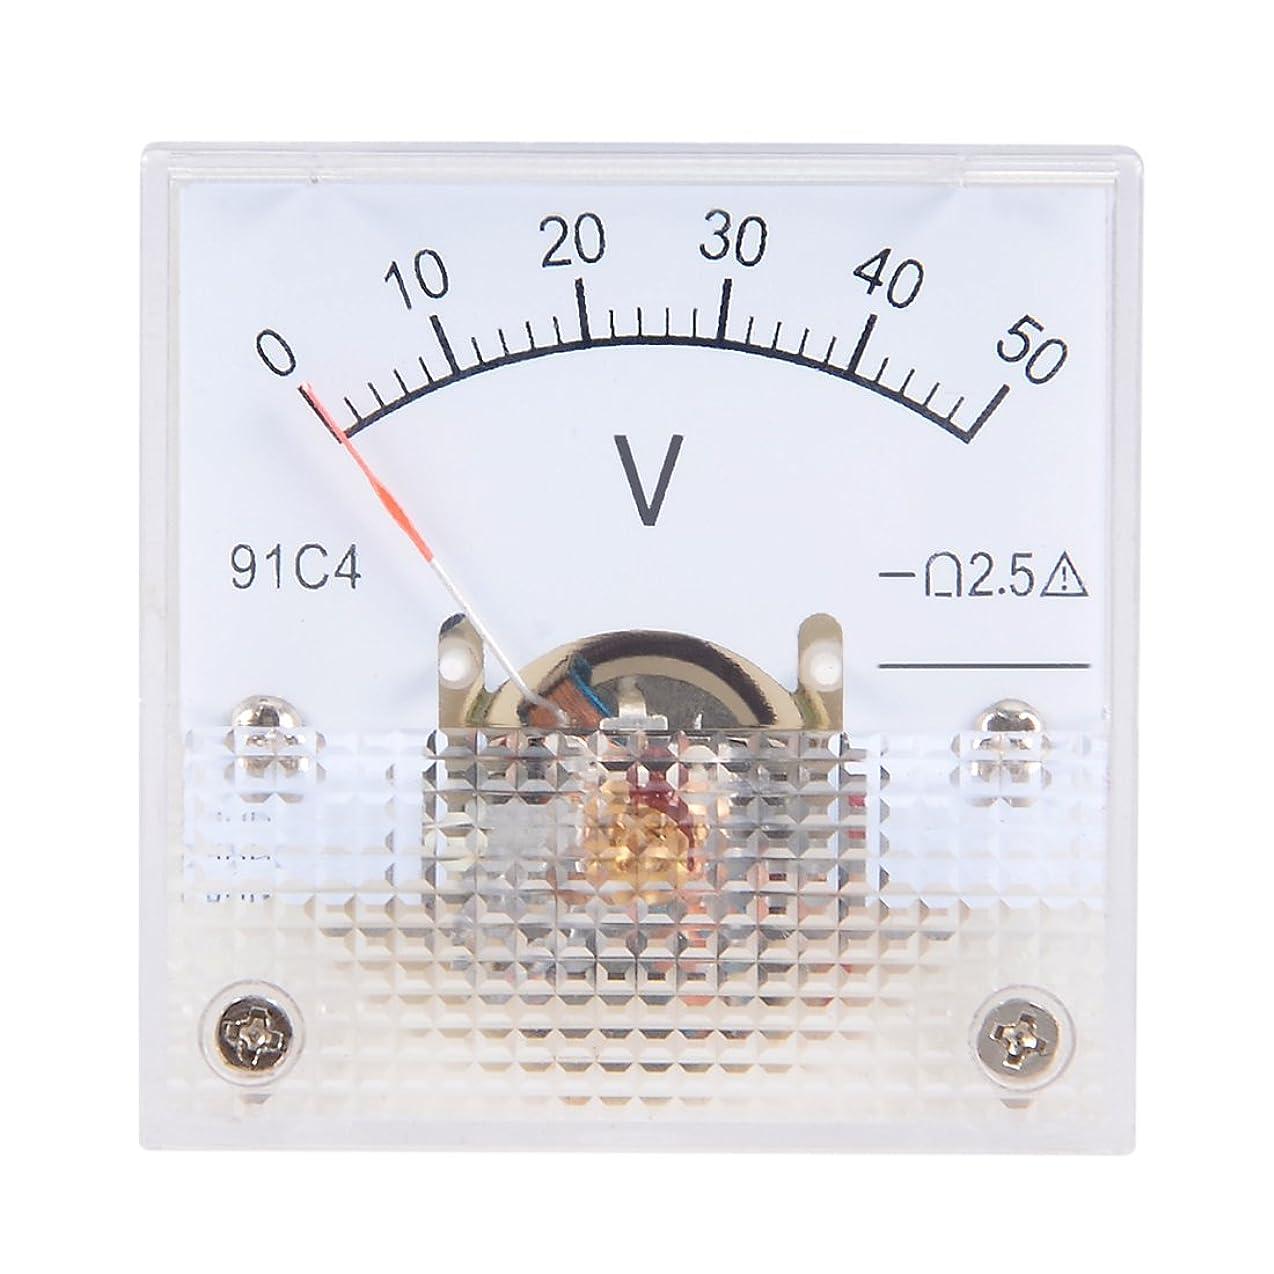 啓発する突き出す対立uxcell 電圧計 アナログパネル電圧ゲージ DC 0-50V 誤差マージン2.5% 91C4